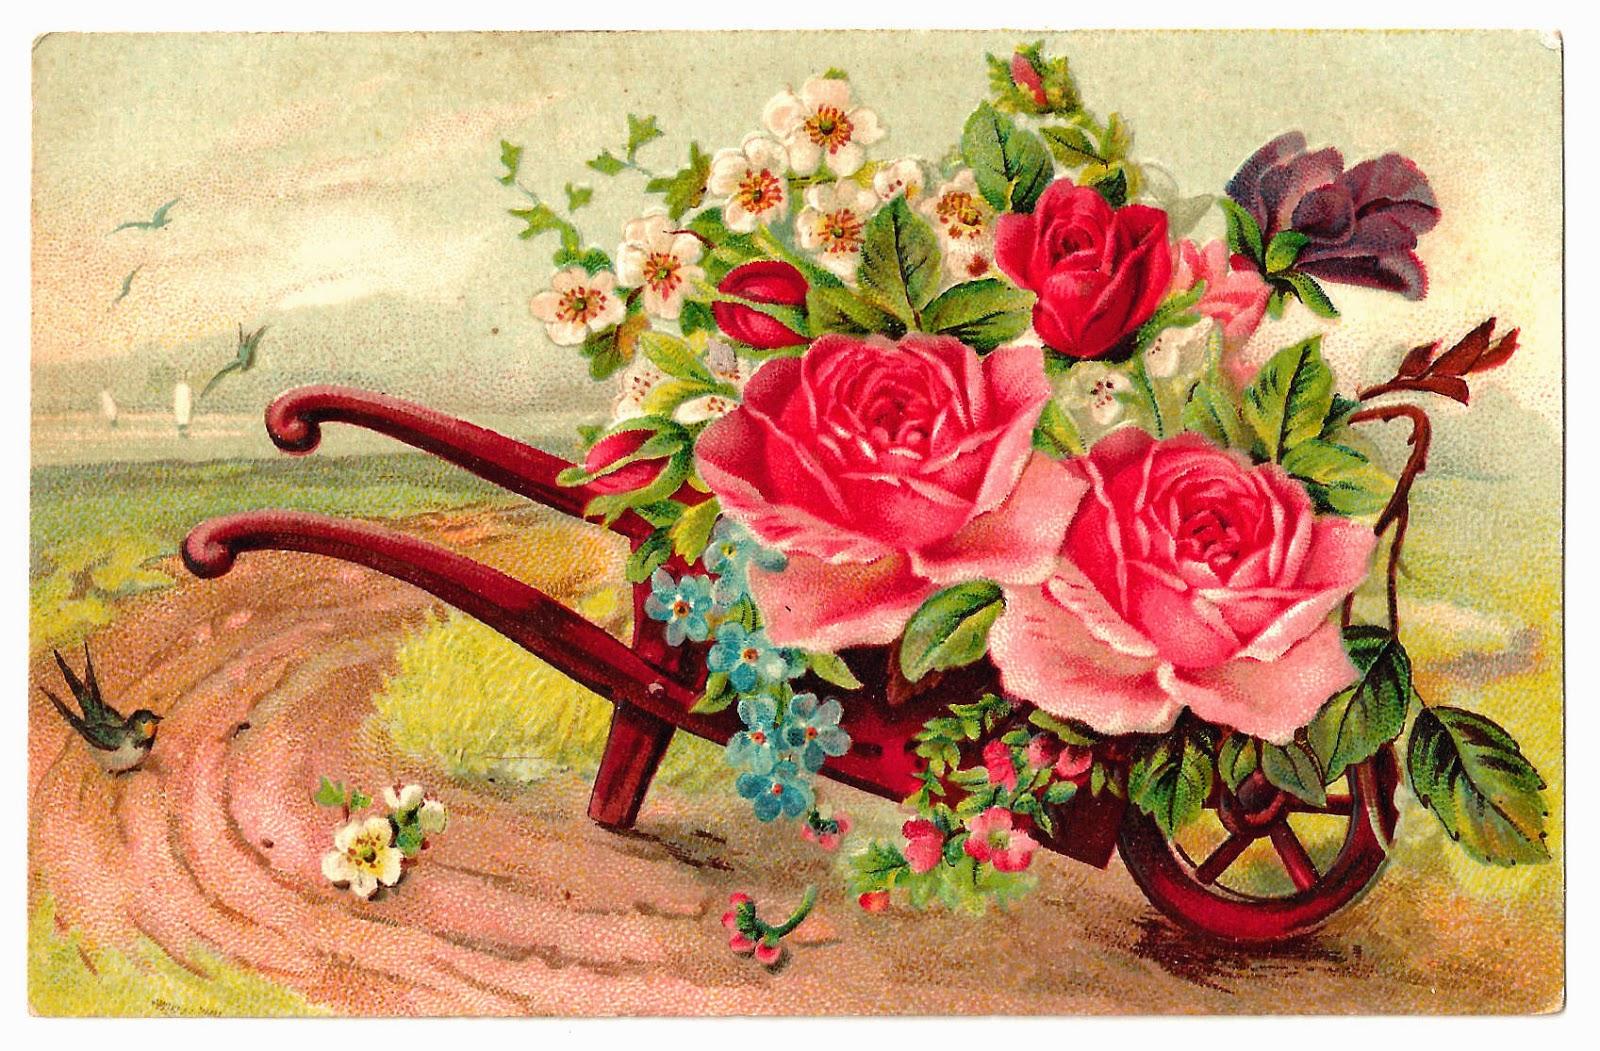 http://2.bp.blogspot.com/-NBYB_zfGqek/VMp_VdBWWuI/AAAAAAAAVX4/ZJdN1pa6ZuQ/s1600/pink_rose_pc_bouquet_wheelbarrow_orig_gm.jpg